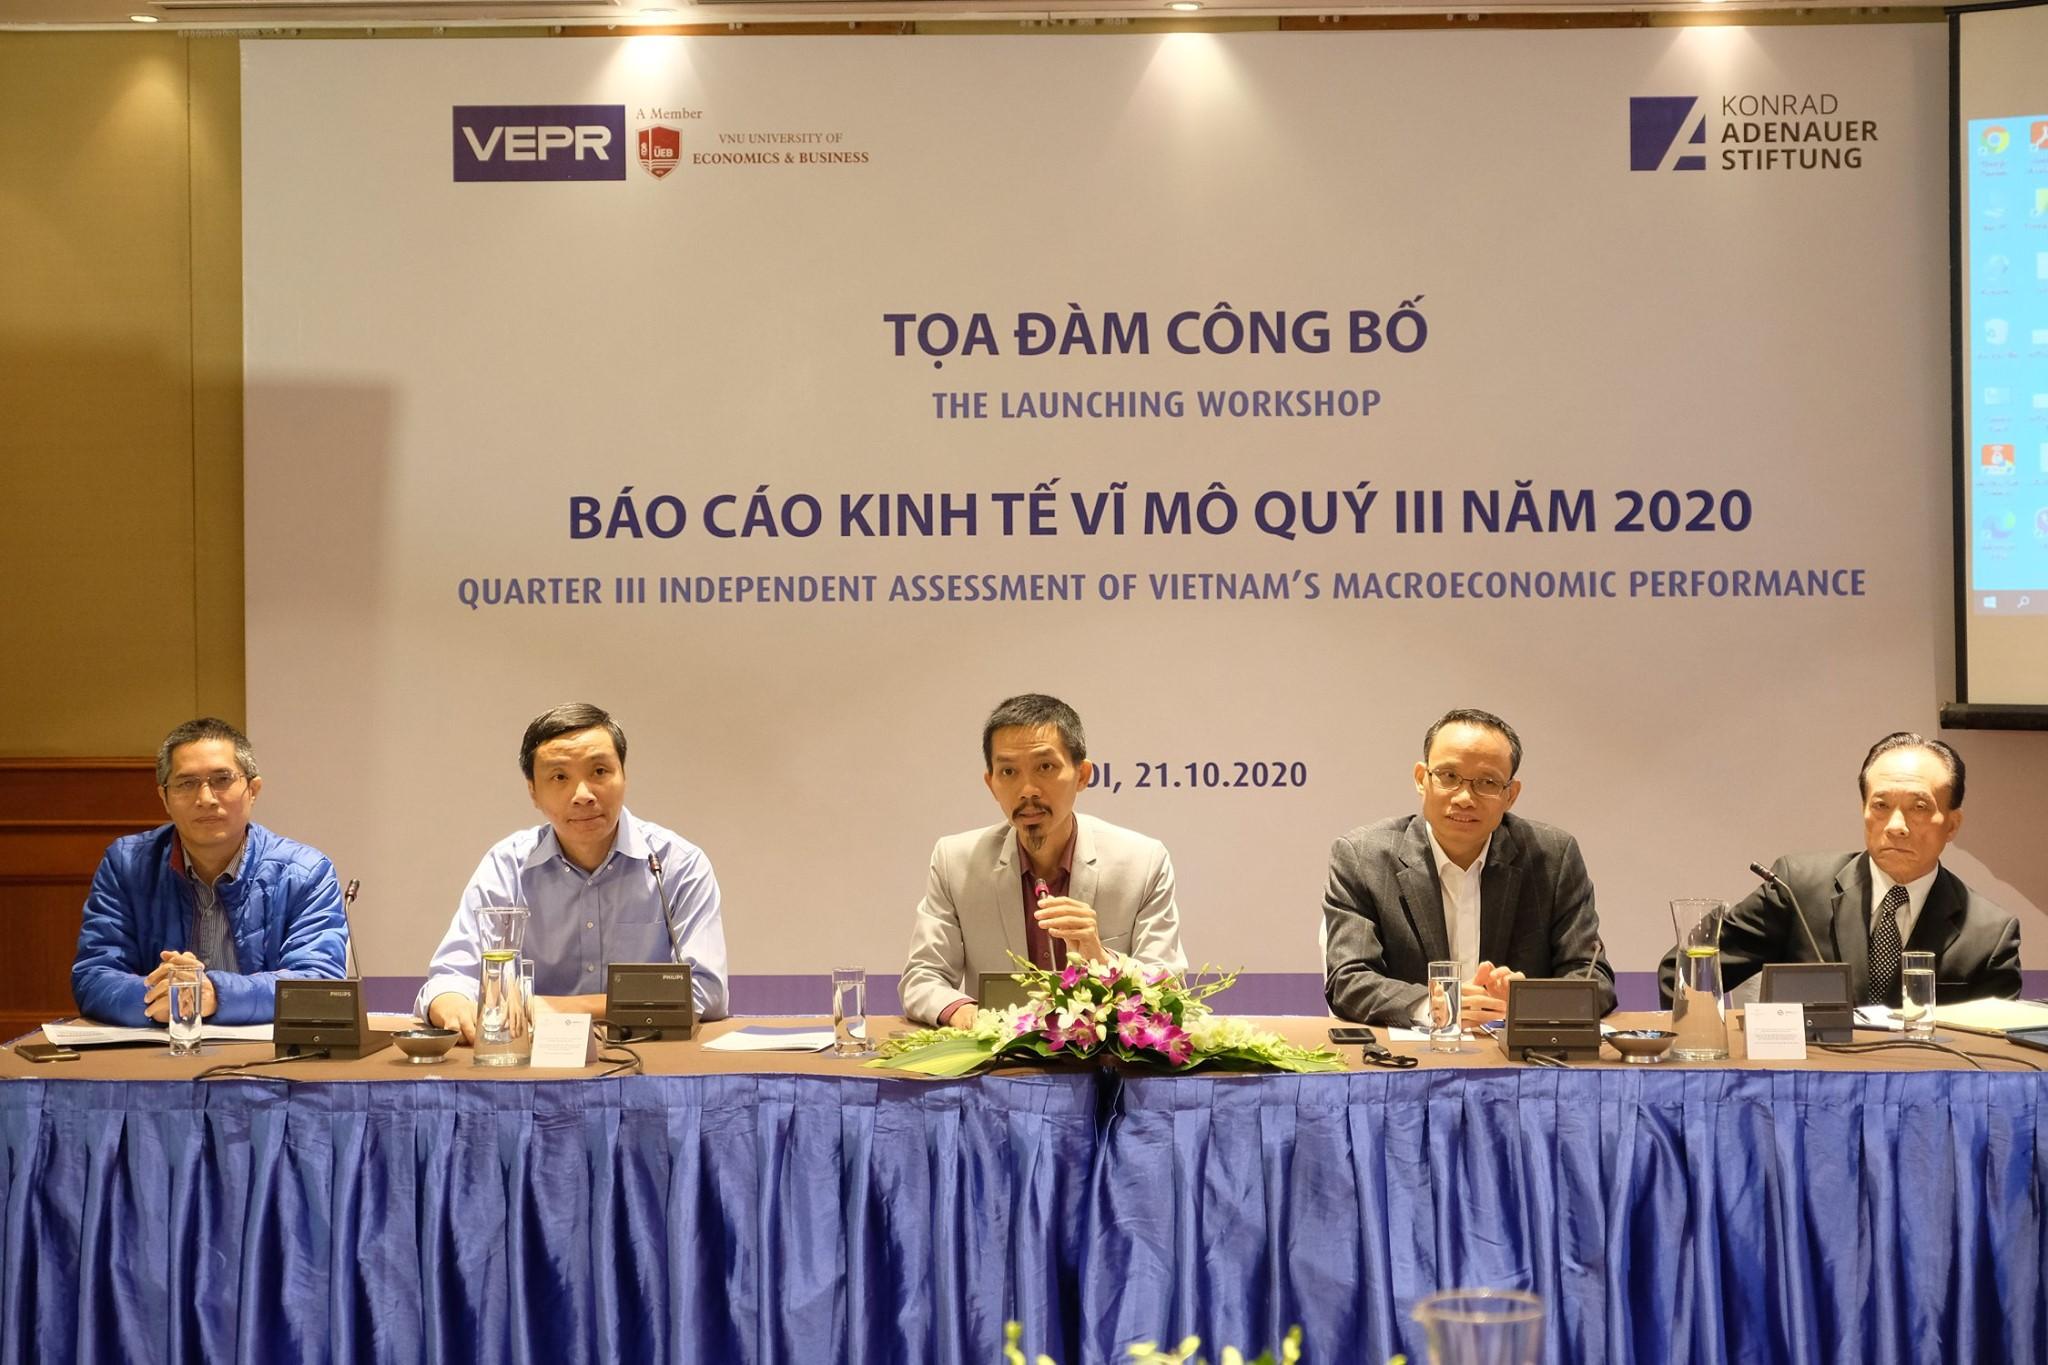 VEPR dự báo việc sụt giảm nguồn cung căn hộ trên thị trường có thể gây áp lực tăng tới giá bán - Ảnh 1.